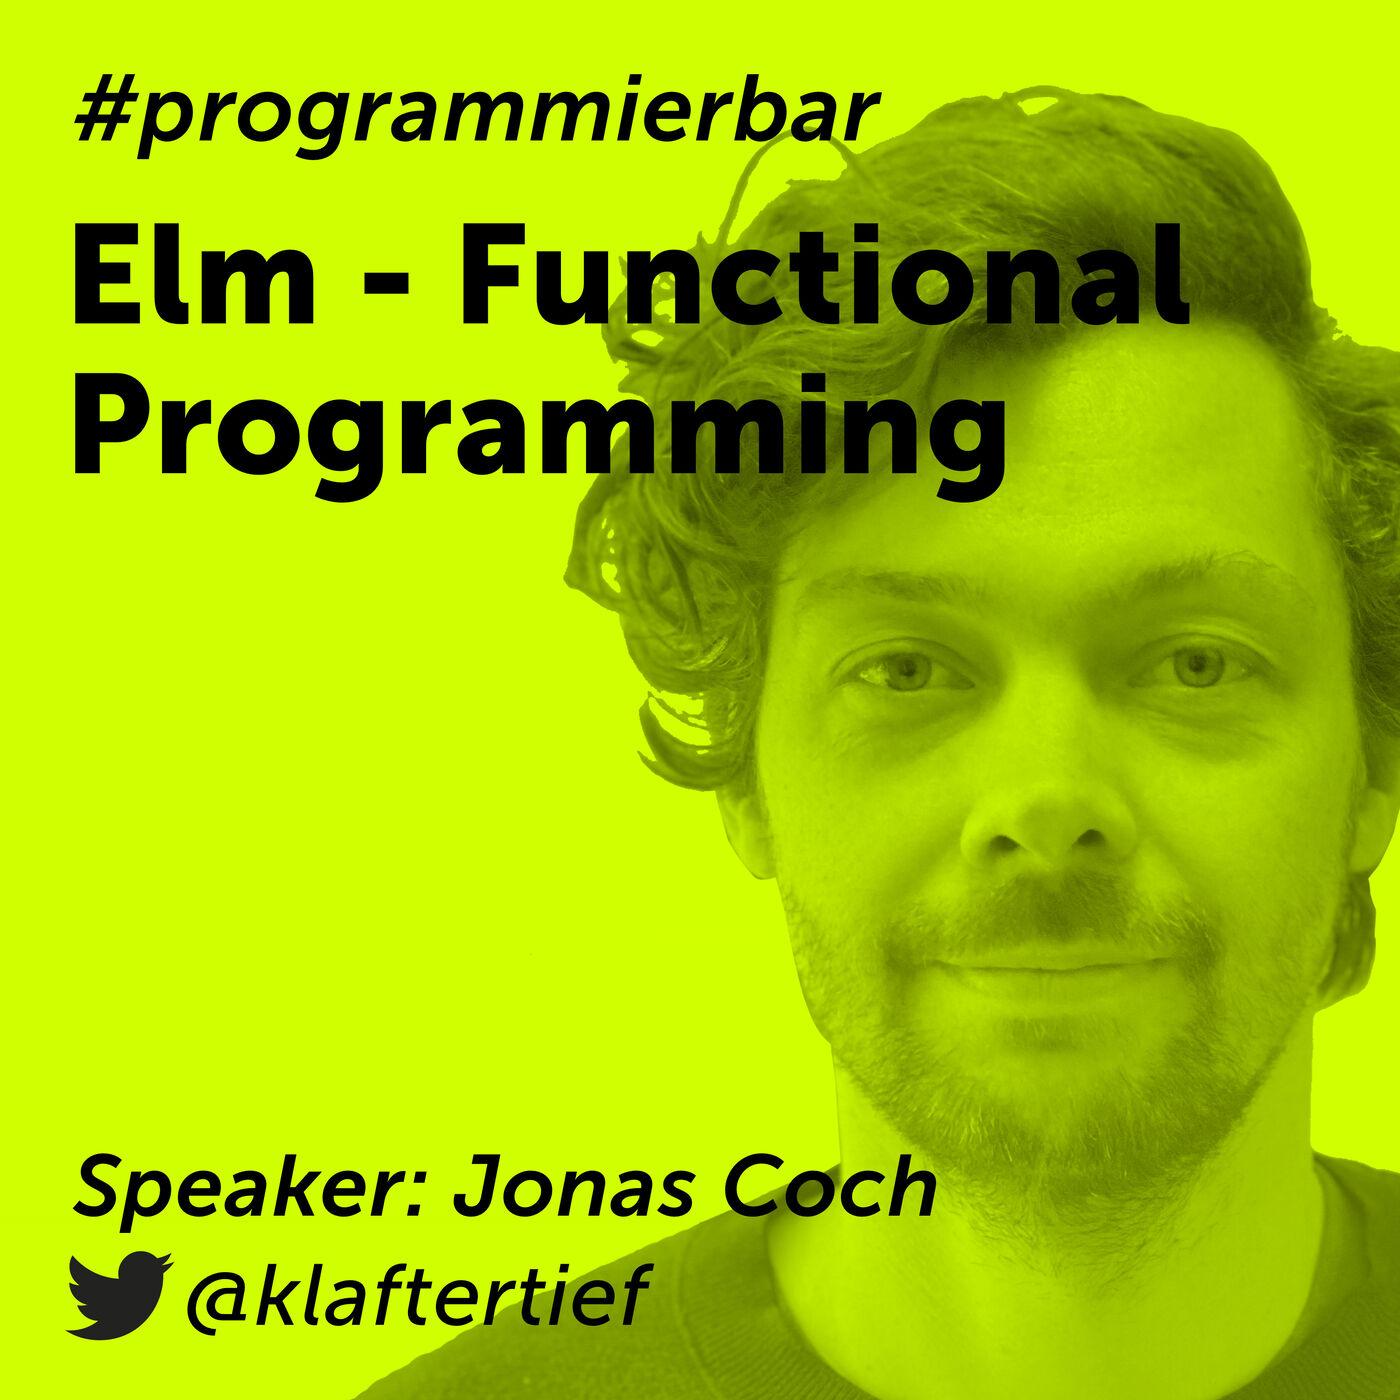 Folge 60 - Funktionale Programmierung in Elm mit Jonas Coch von itravel